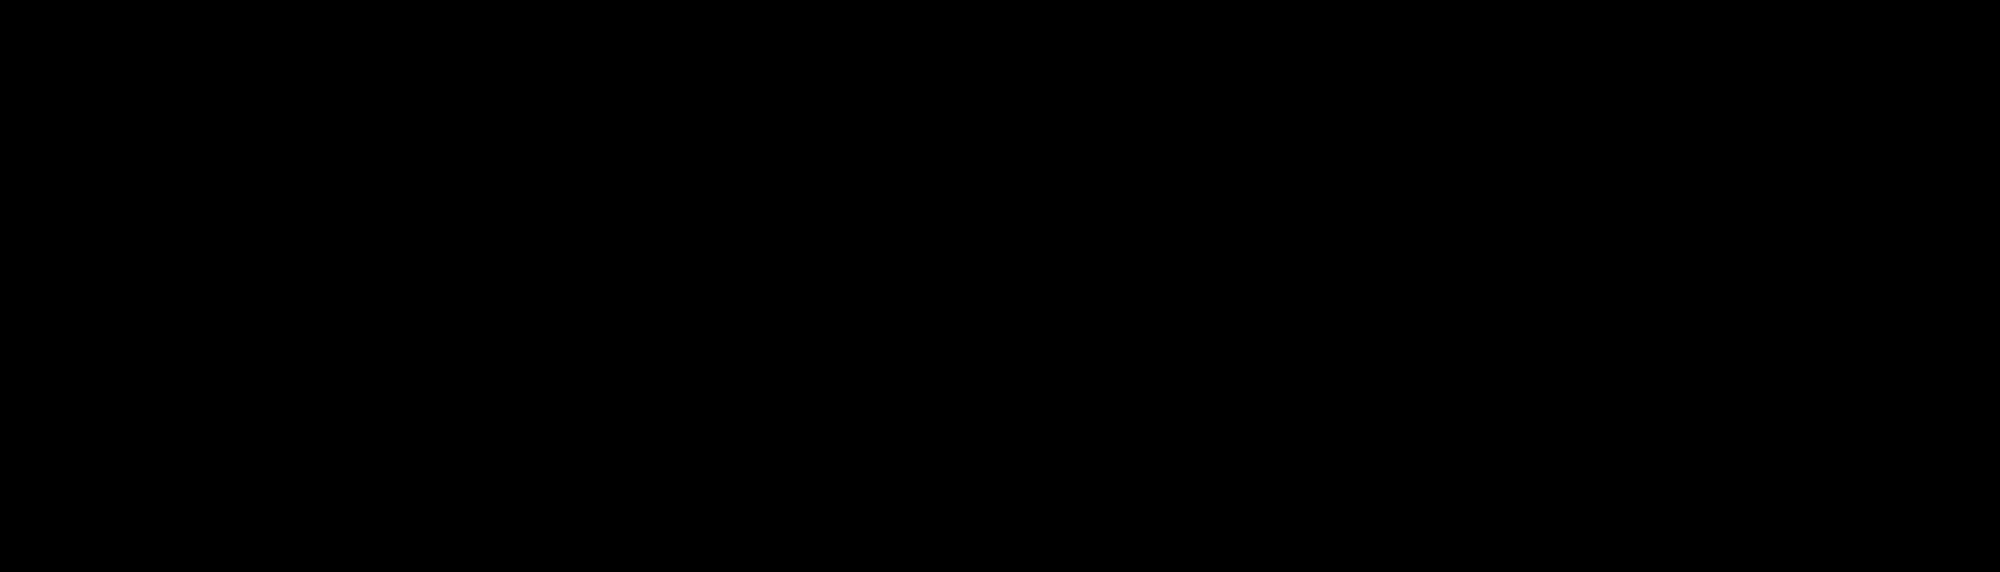 hikarulife